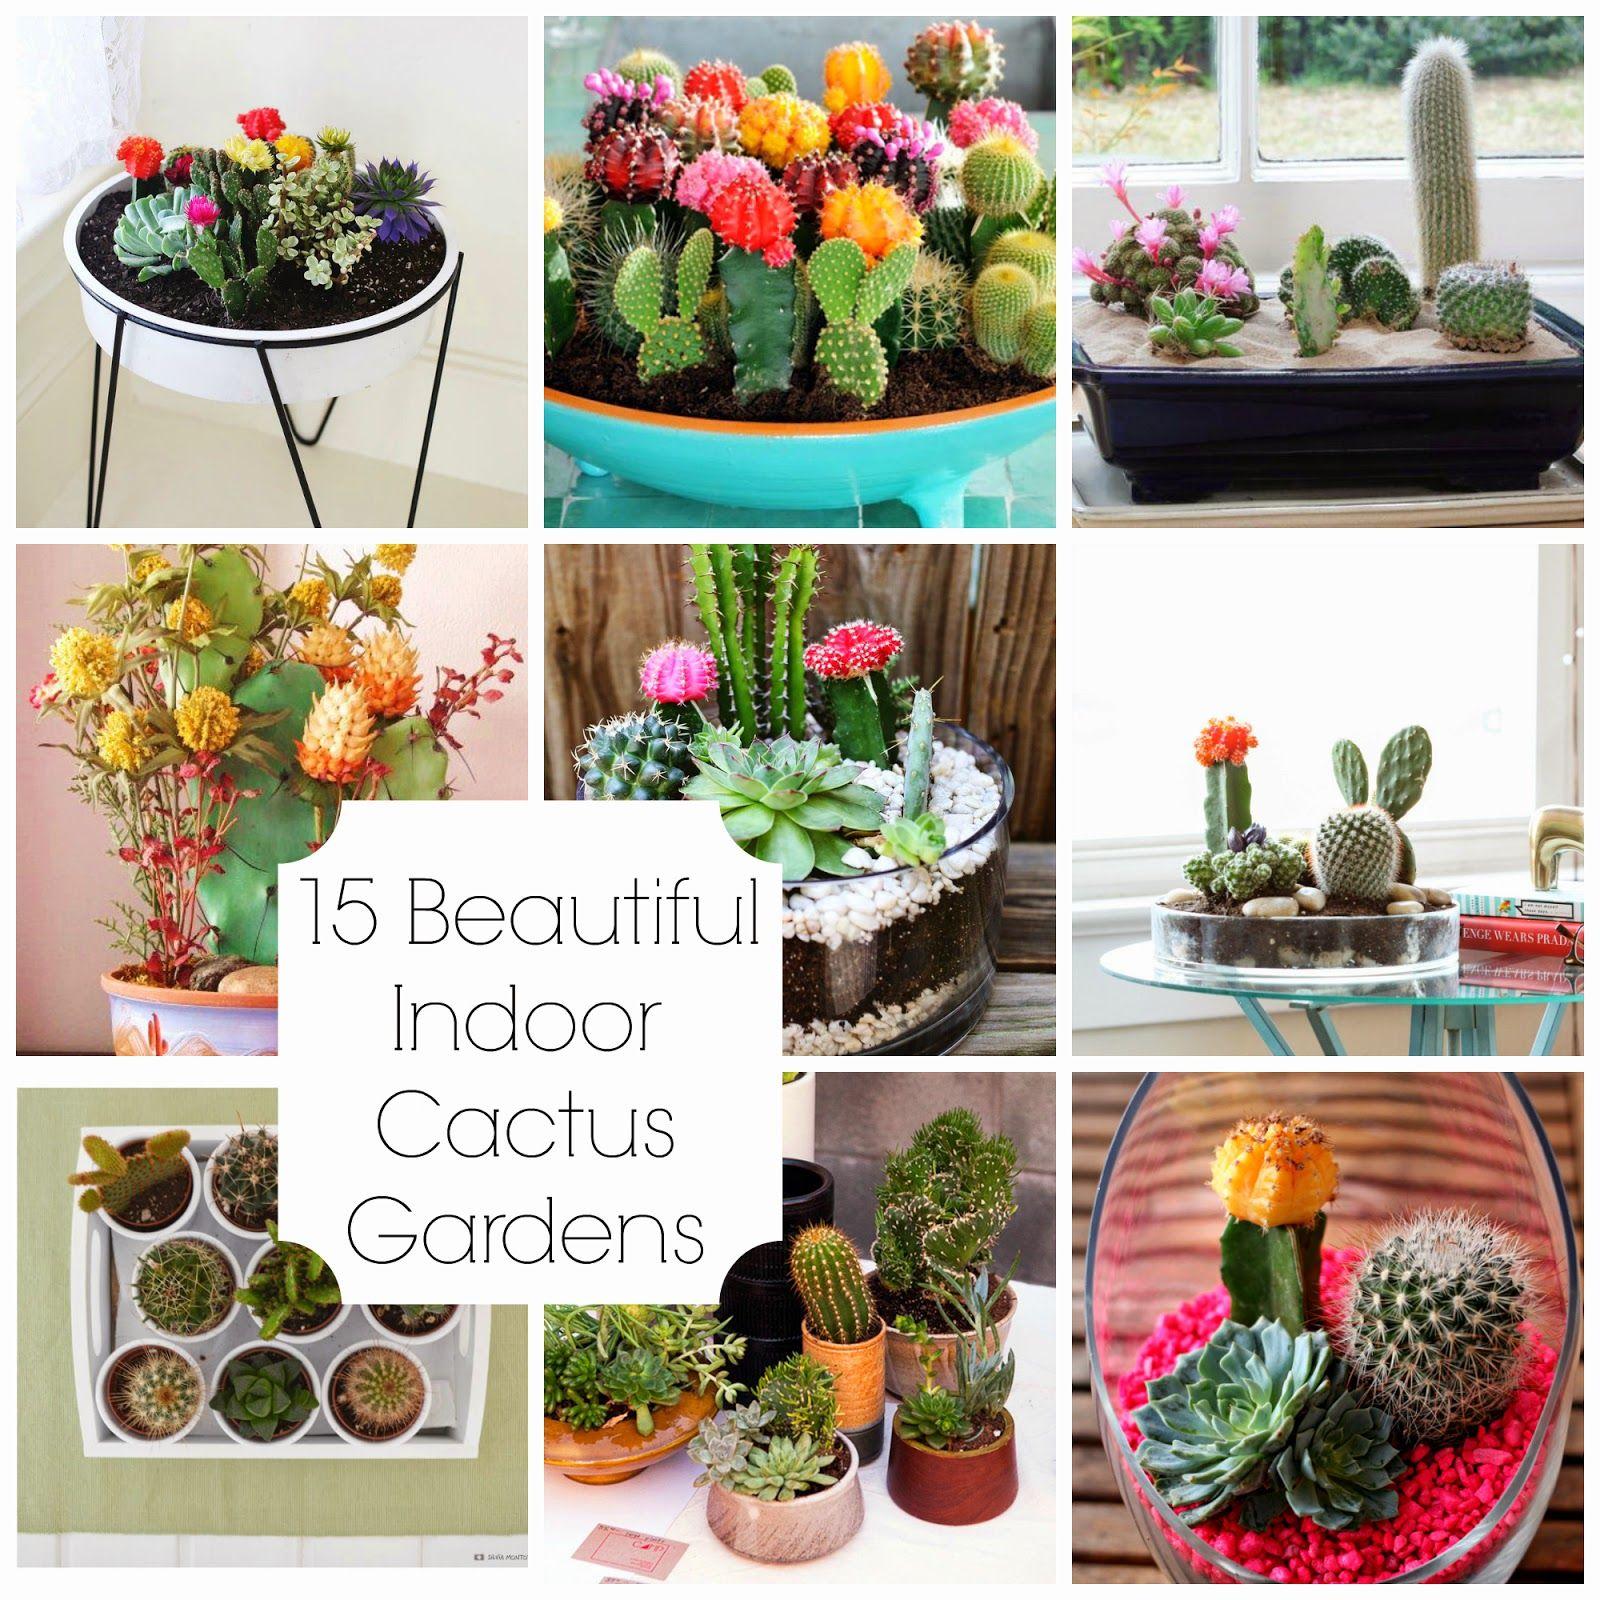 Indoor Cactus Garden 15 beautiful indoor cactus gardens stuff for my apartment 15 beautiful indoor cactus gardens workwithnaturefo